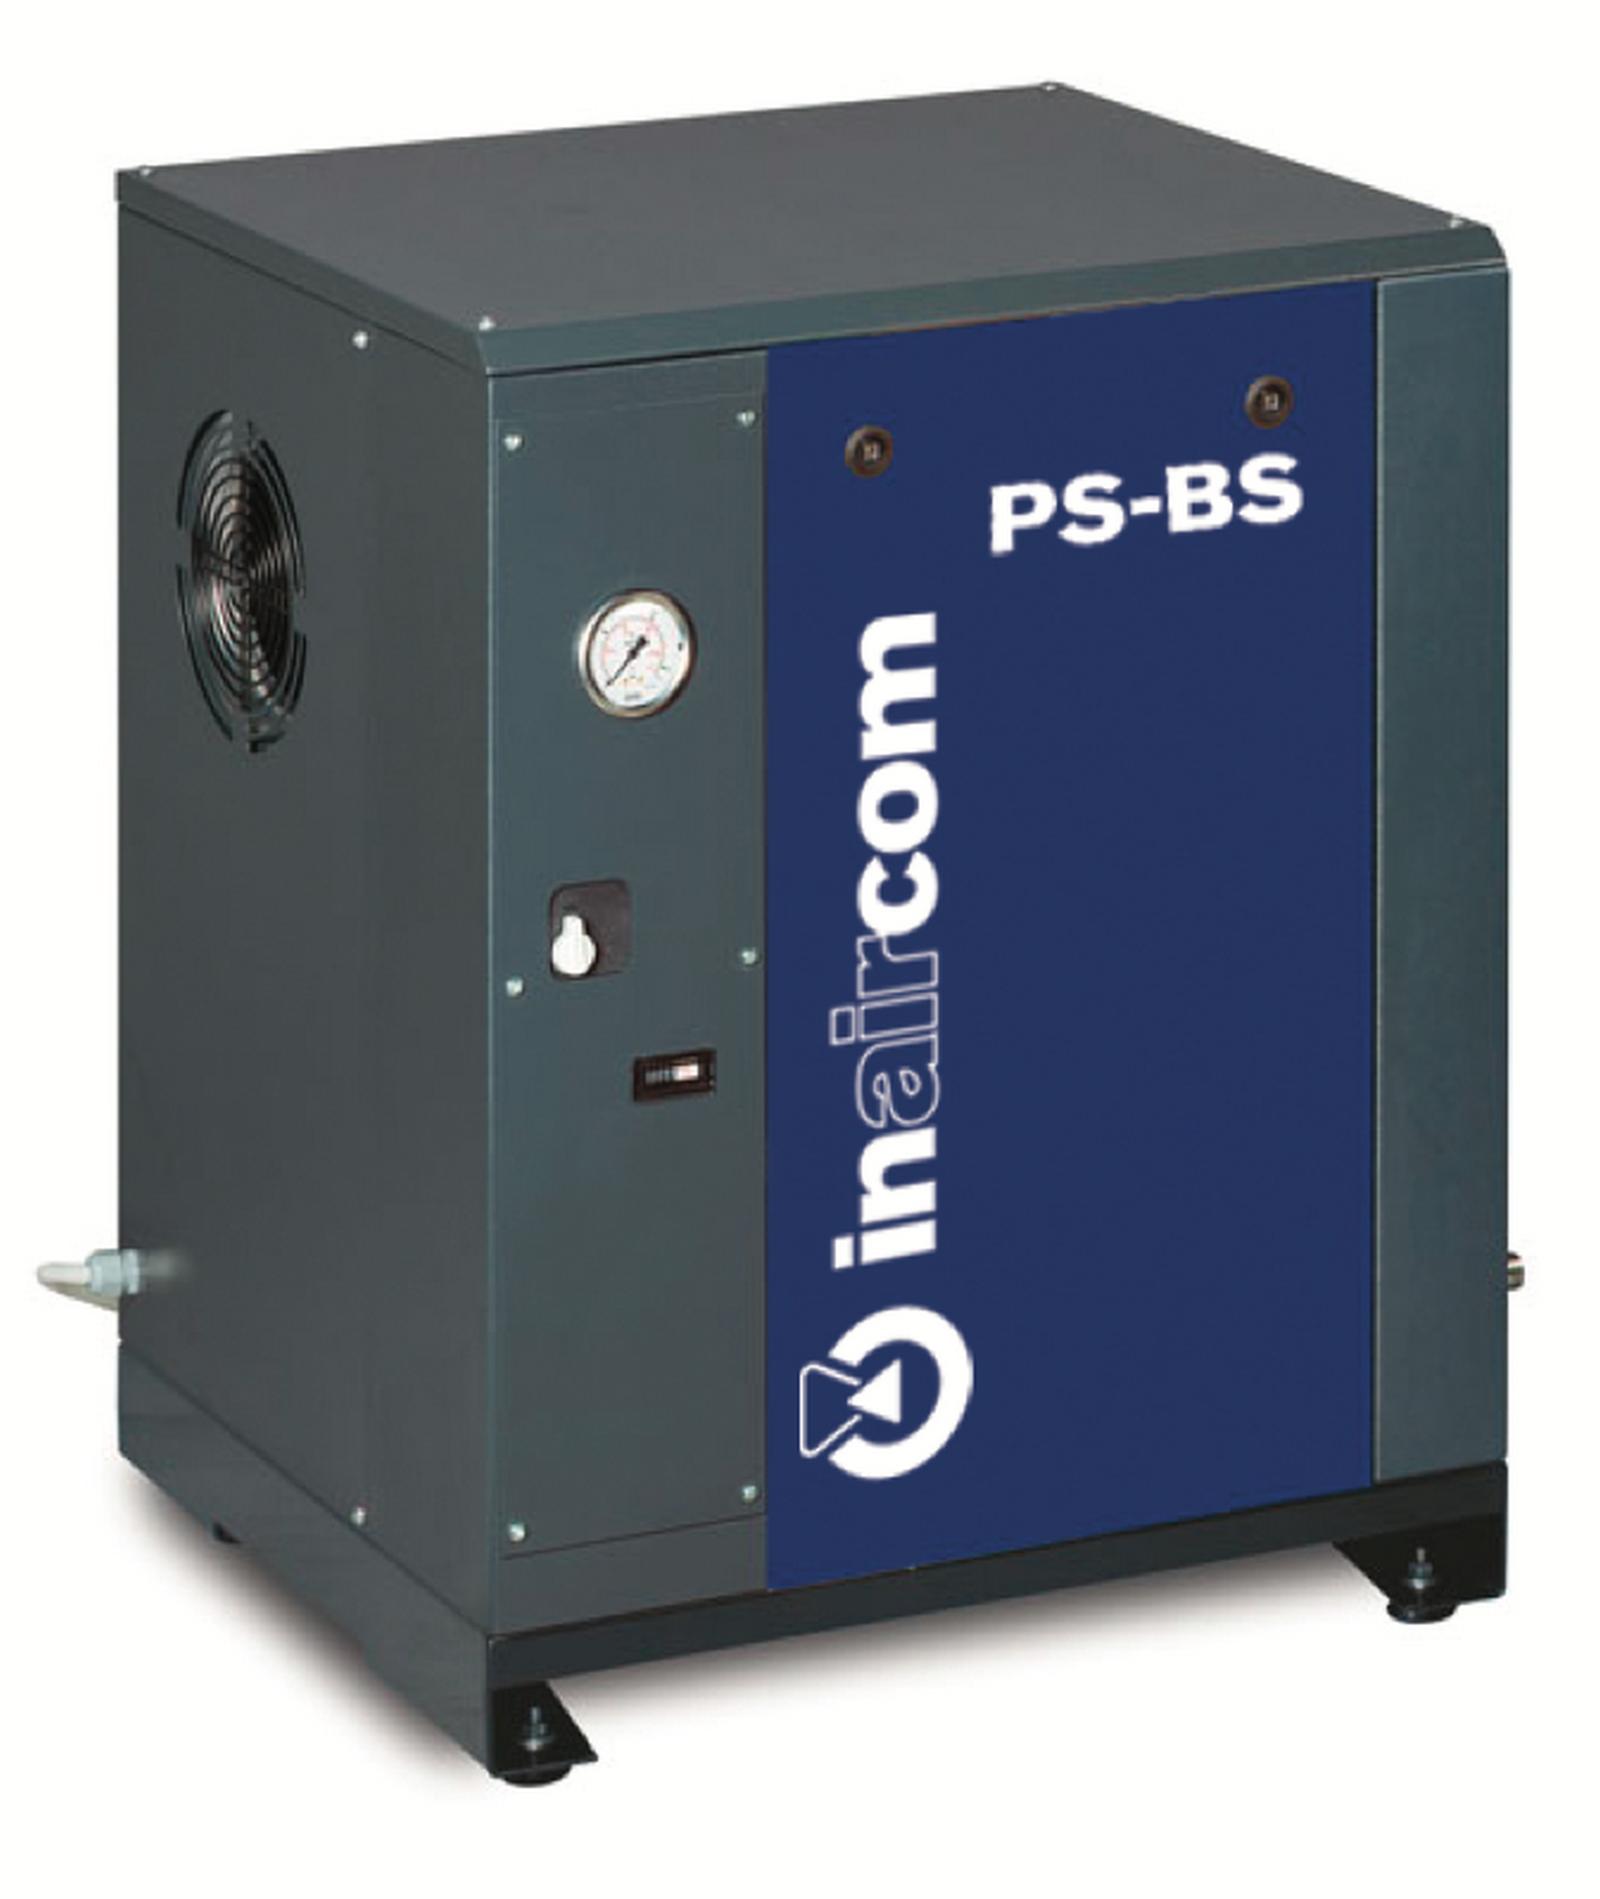 PS-BS 2-08 - Stacionární šroubový kompresor PS-BS 2-08